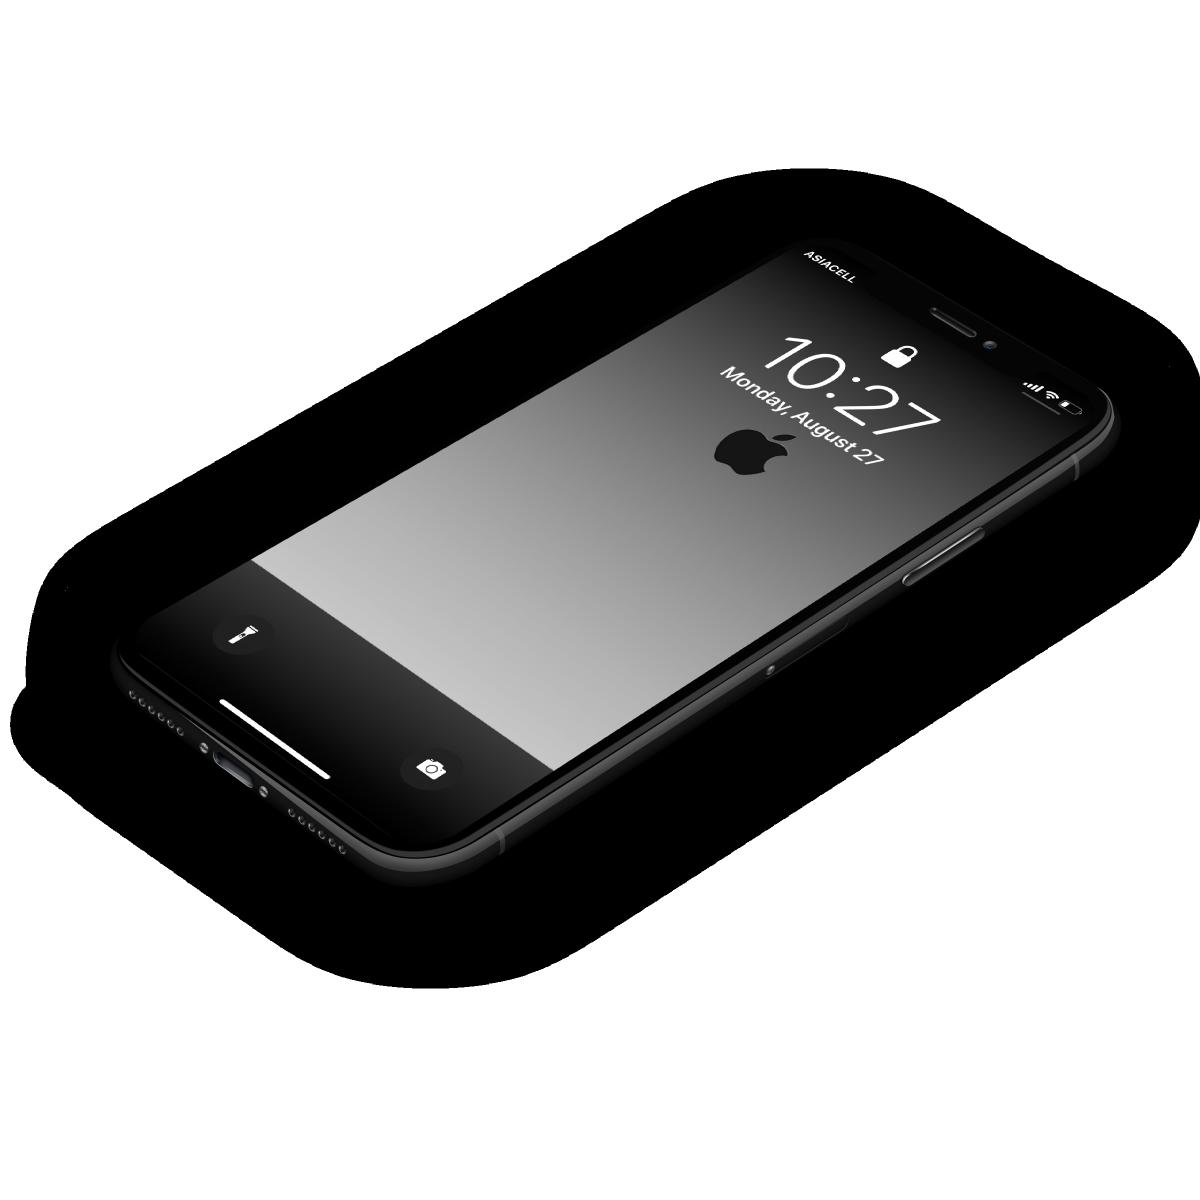 Обои Айфон 2g